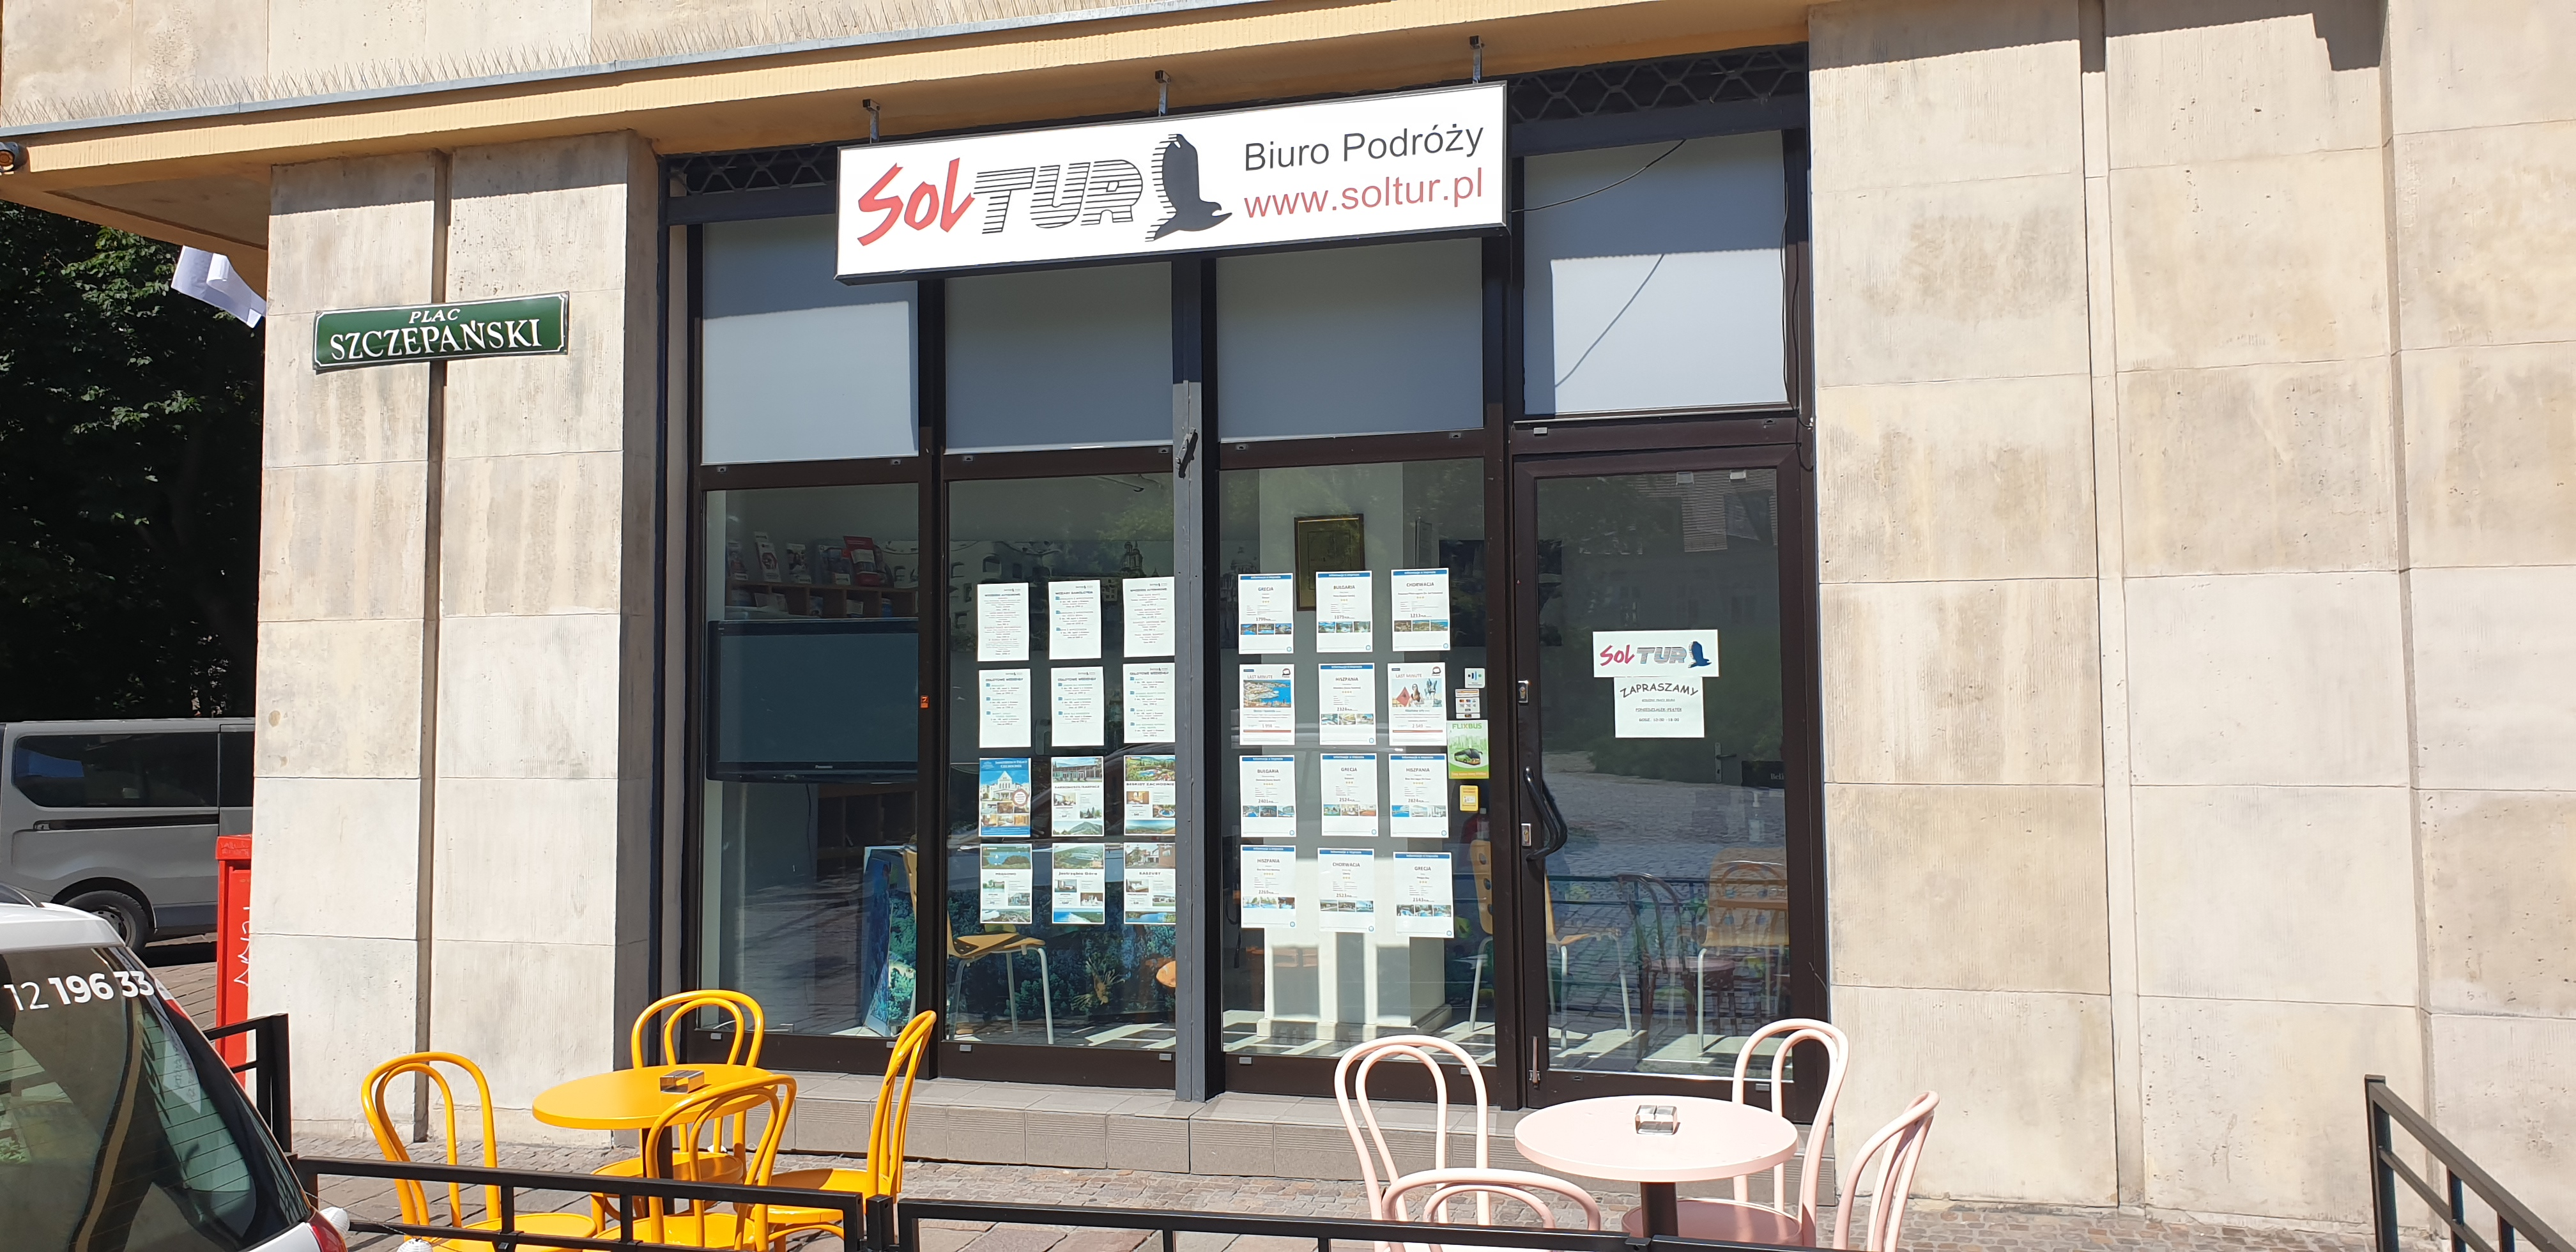 BP Soltur Sp. z o.o.